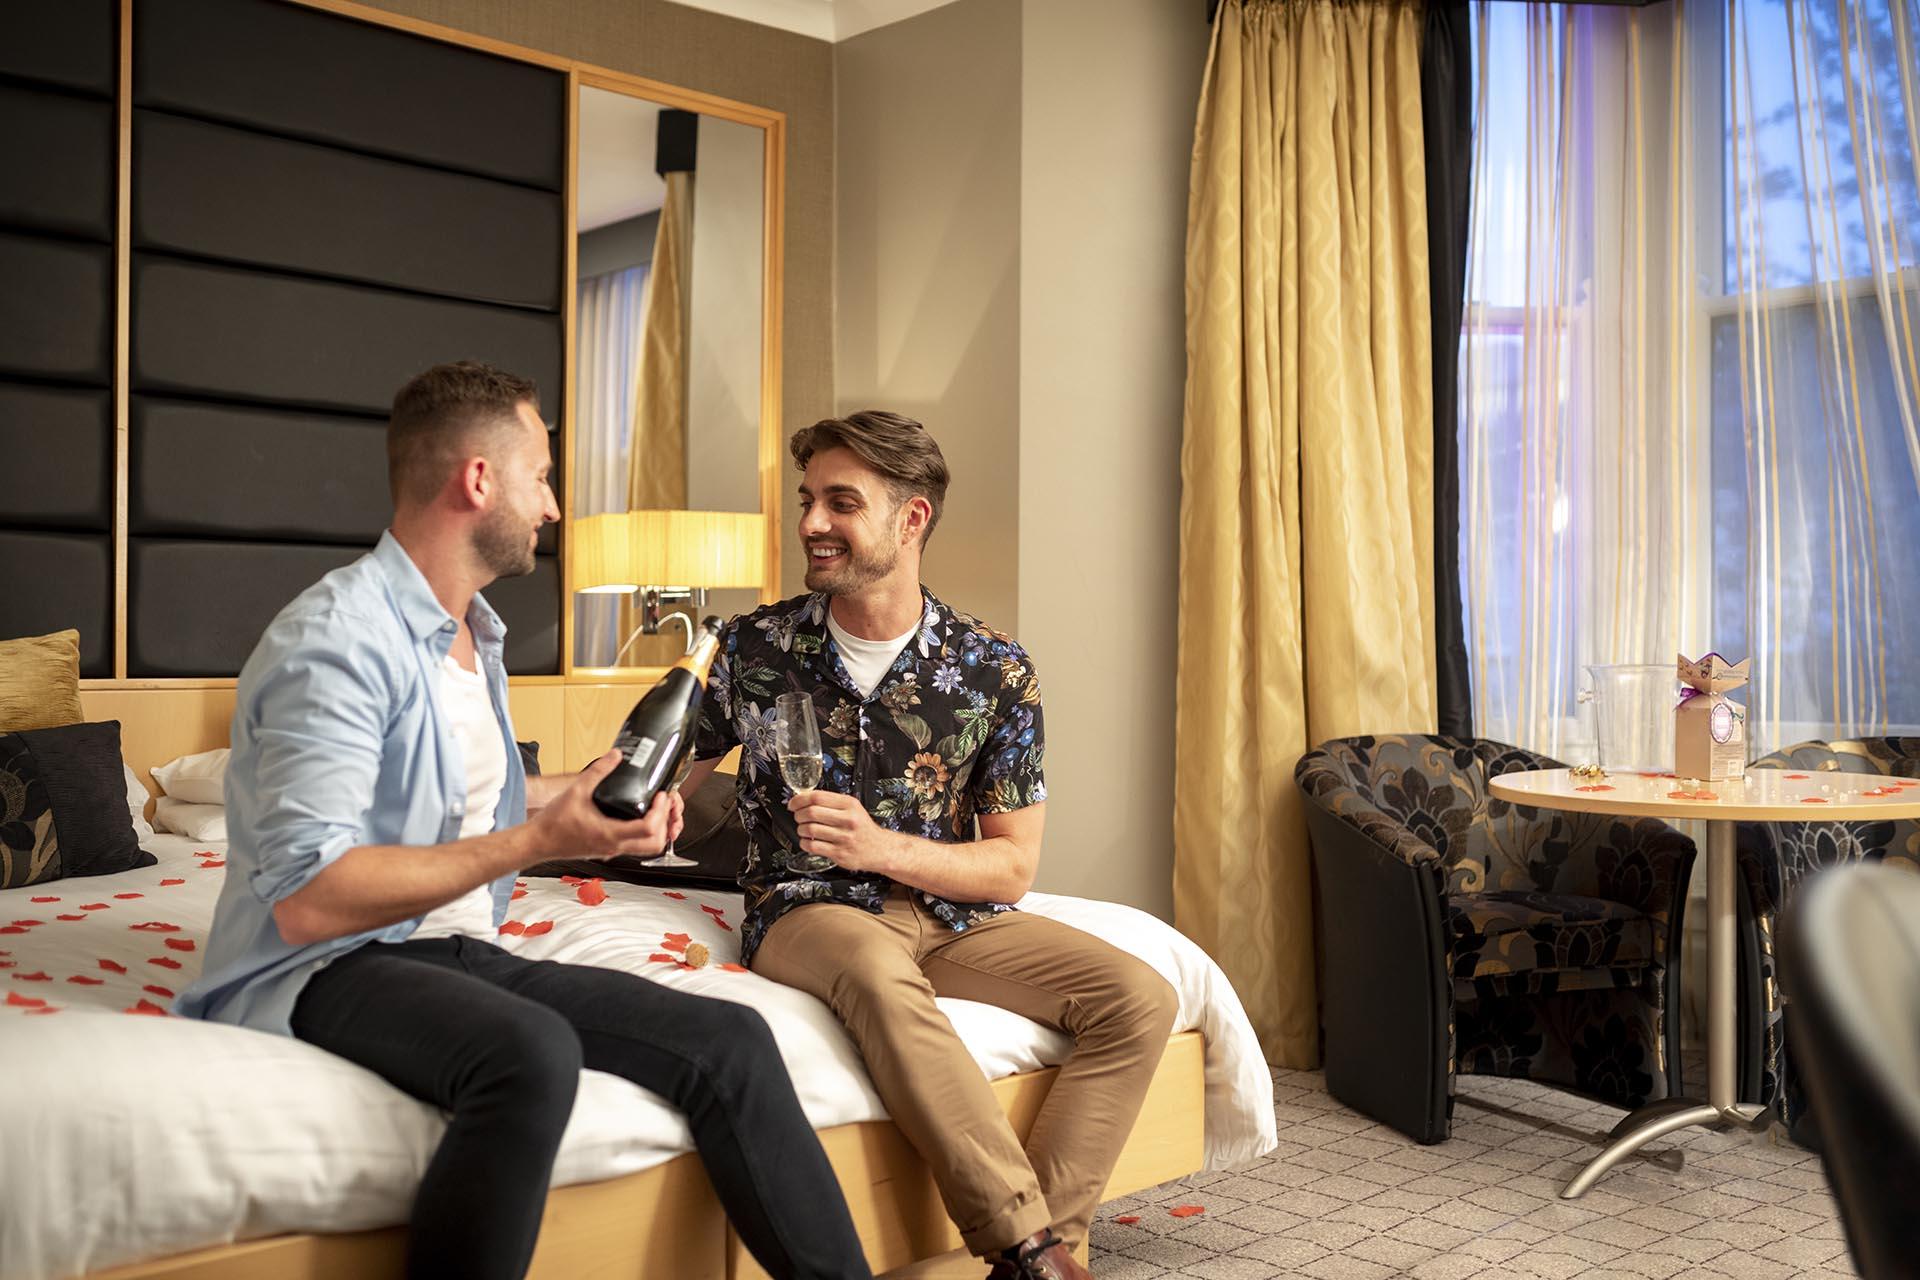 Hôtels gay